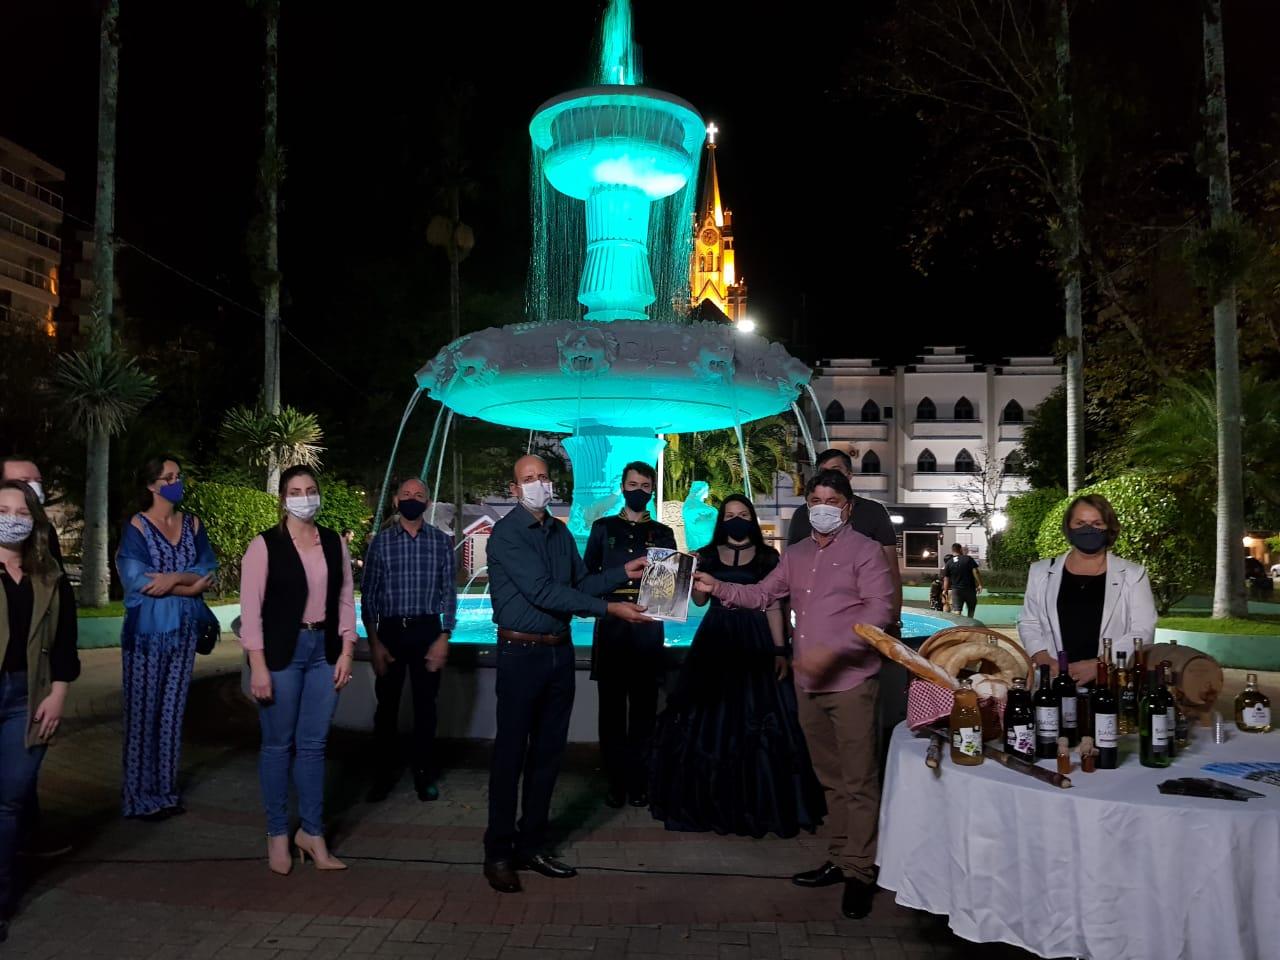 Unibave entrega ao governo municipal o Plano de Turismo de Orleans